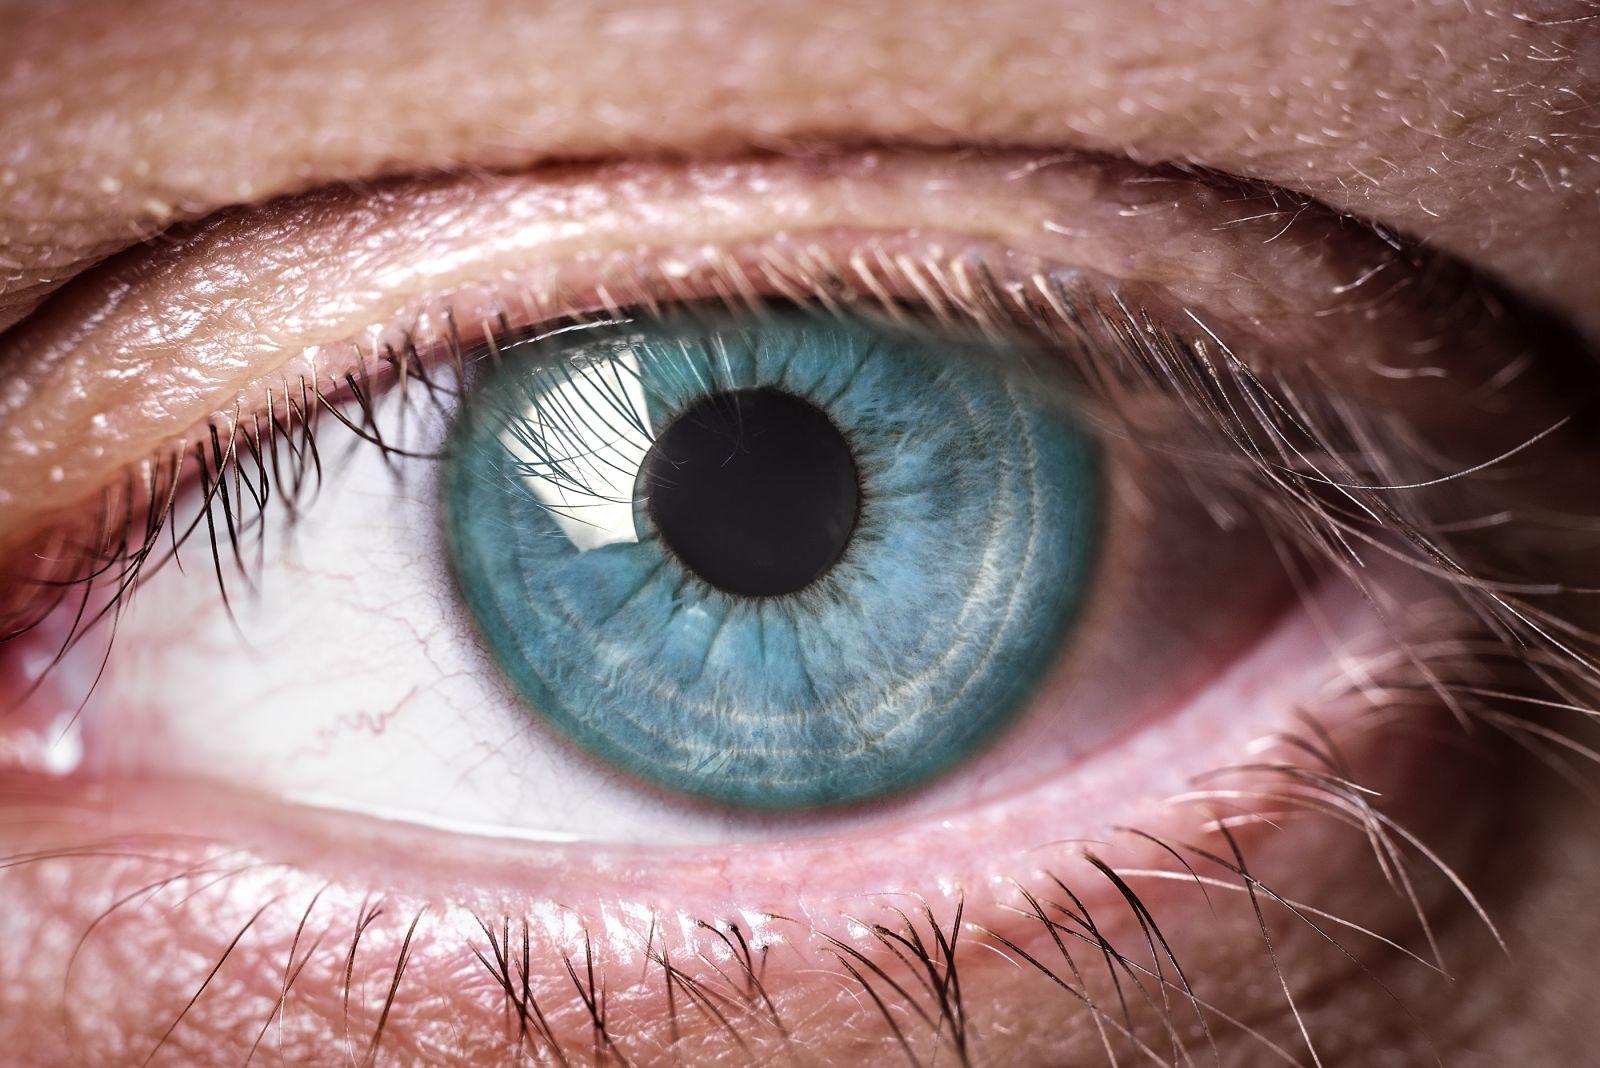 age-related-macular-degeneration-amg